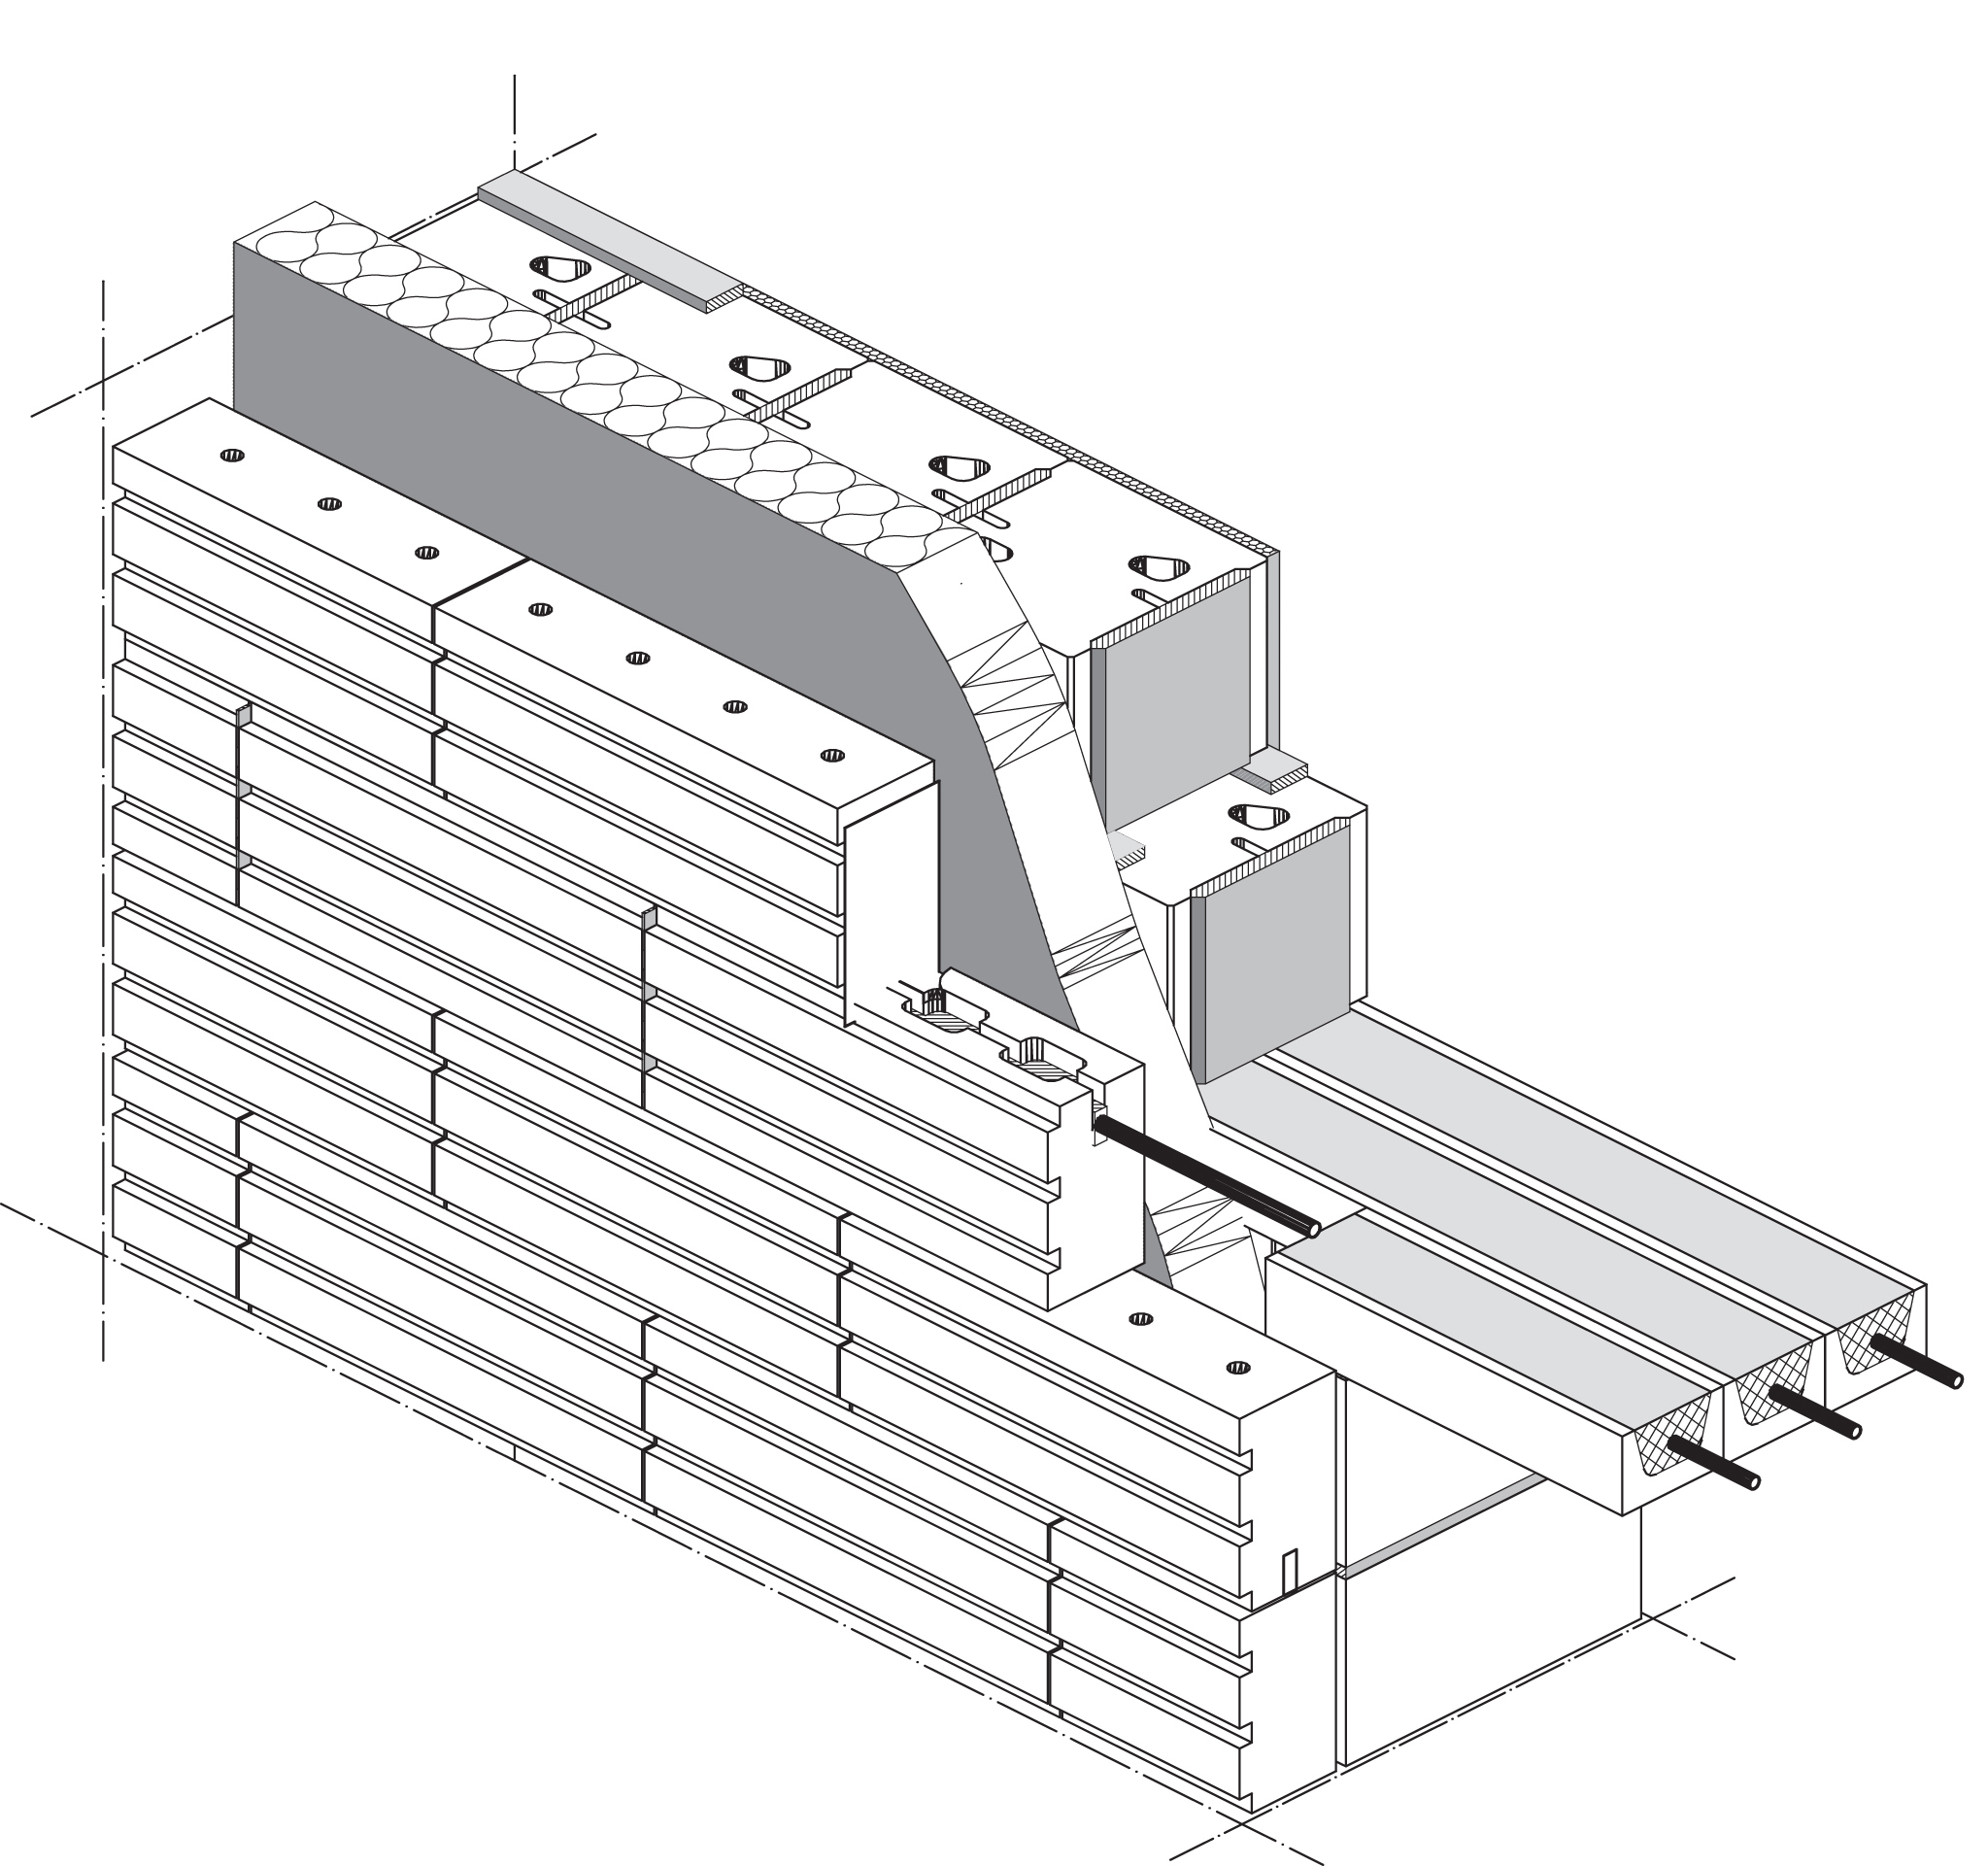 metrocubo114-casa-ypsilon-particolare-costruttivo